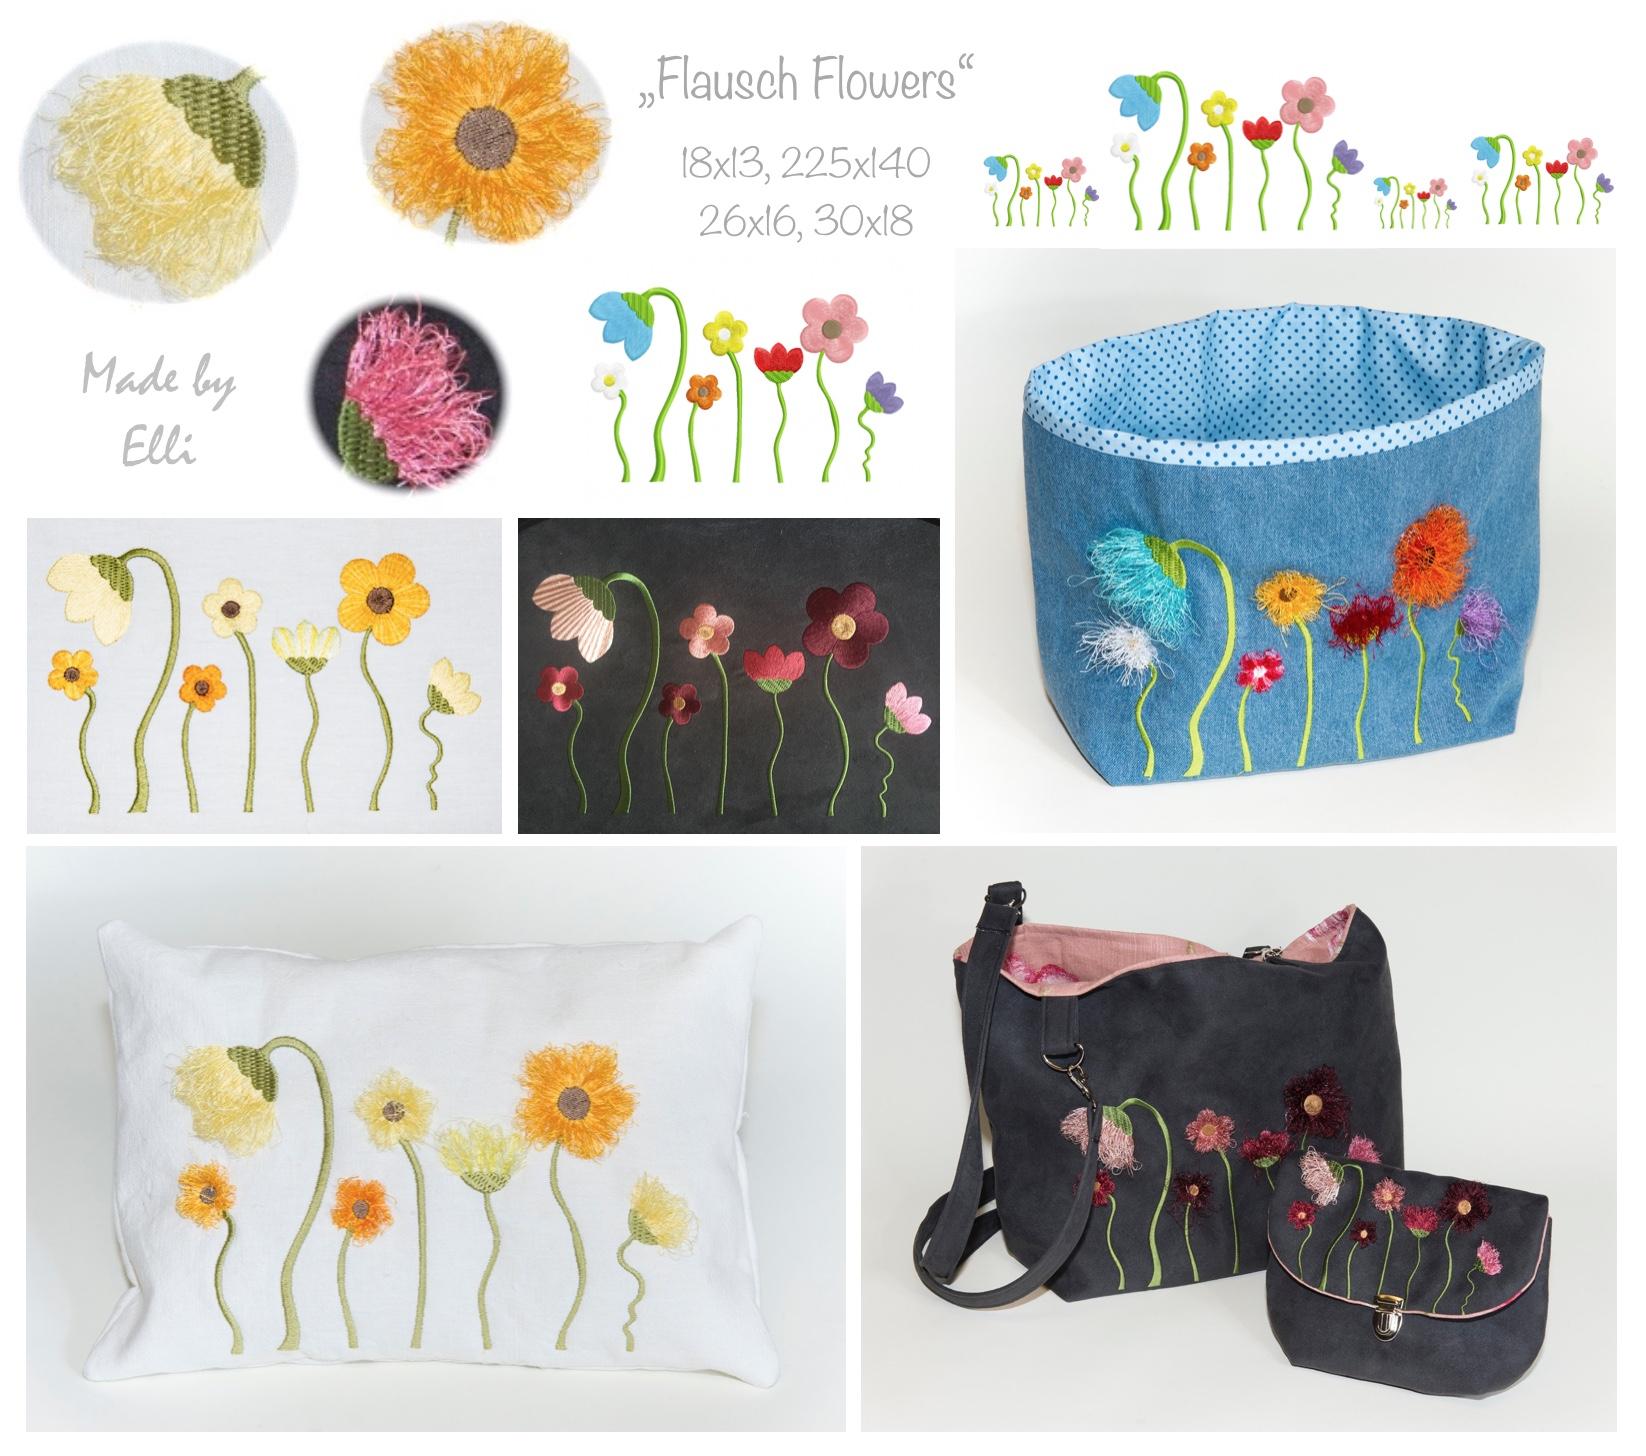 Flausch Flowers